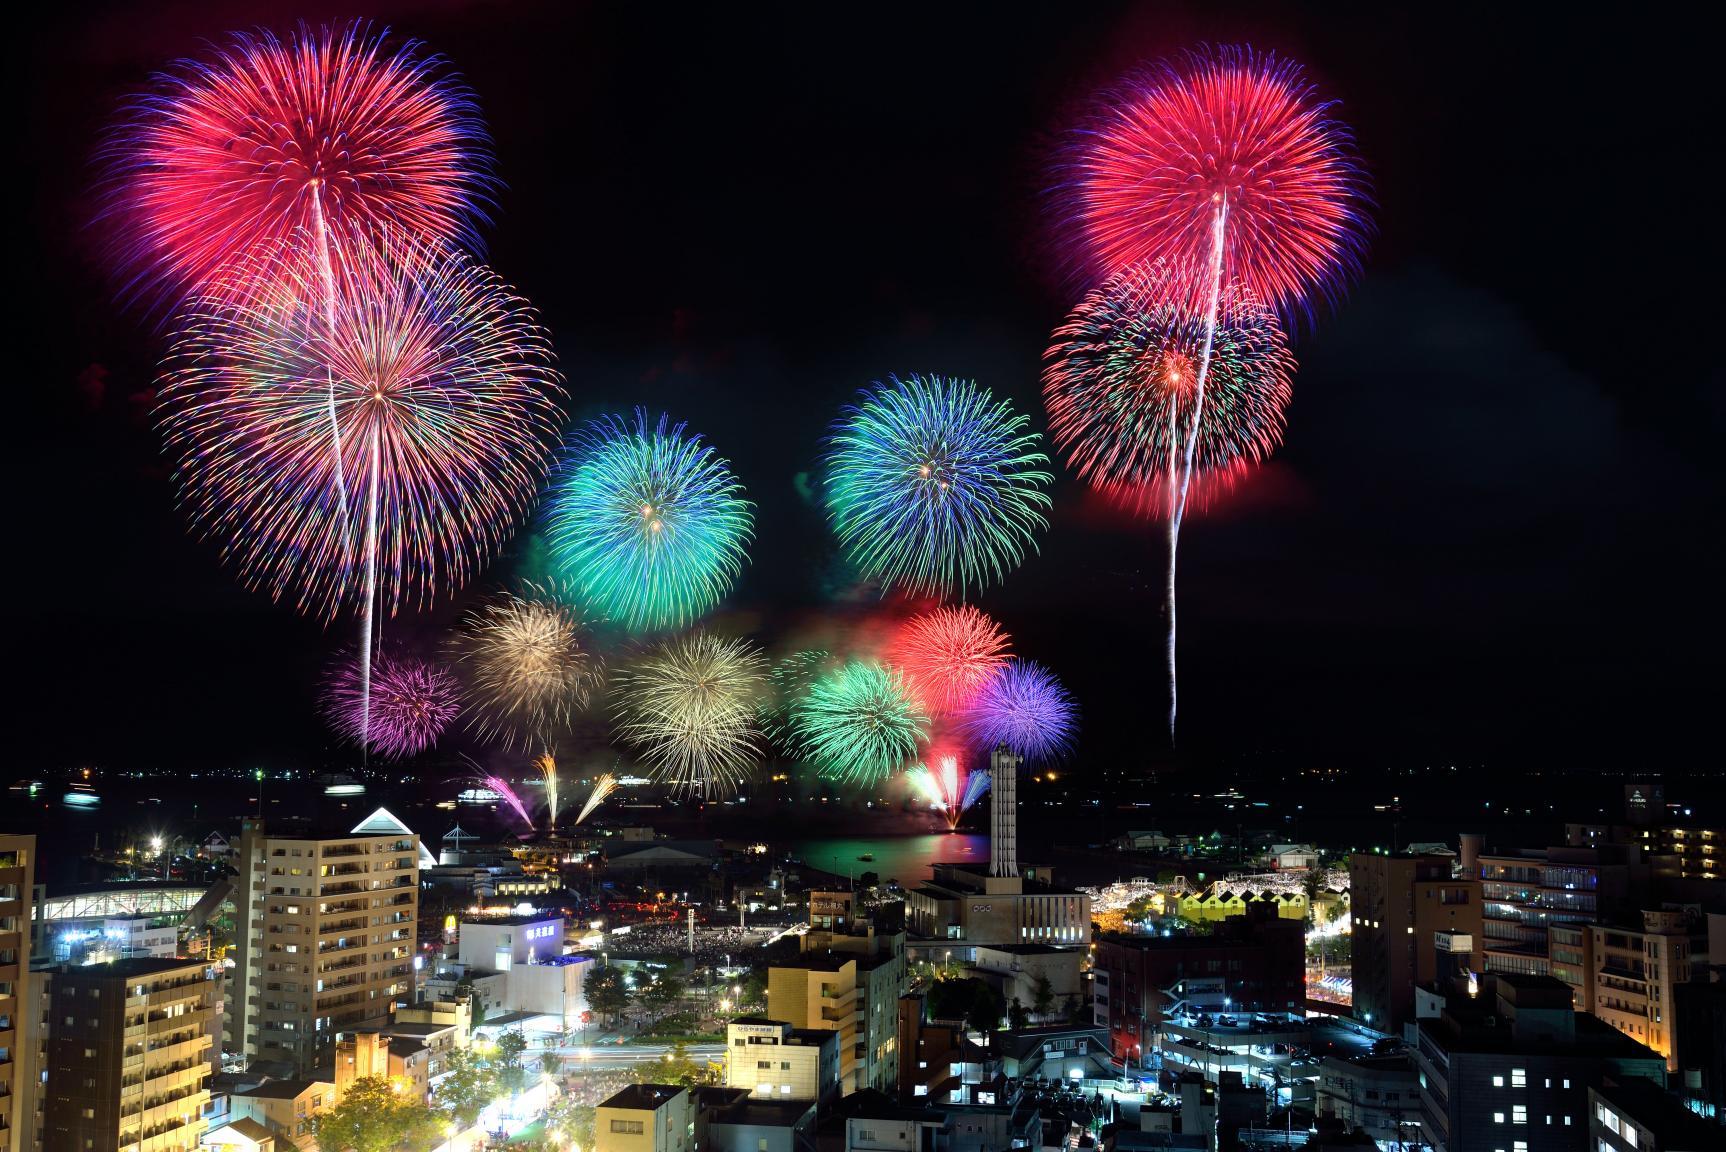 【2020年は冬季開催】かごしま錦江湾サマーナイト大花火大会-1